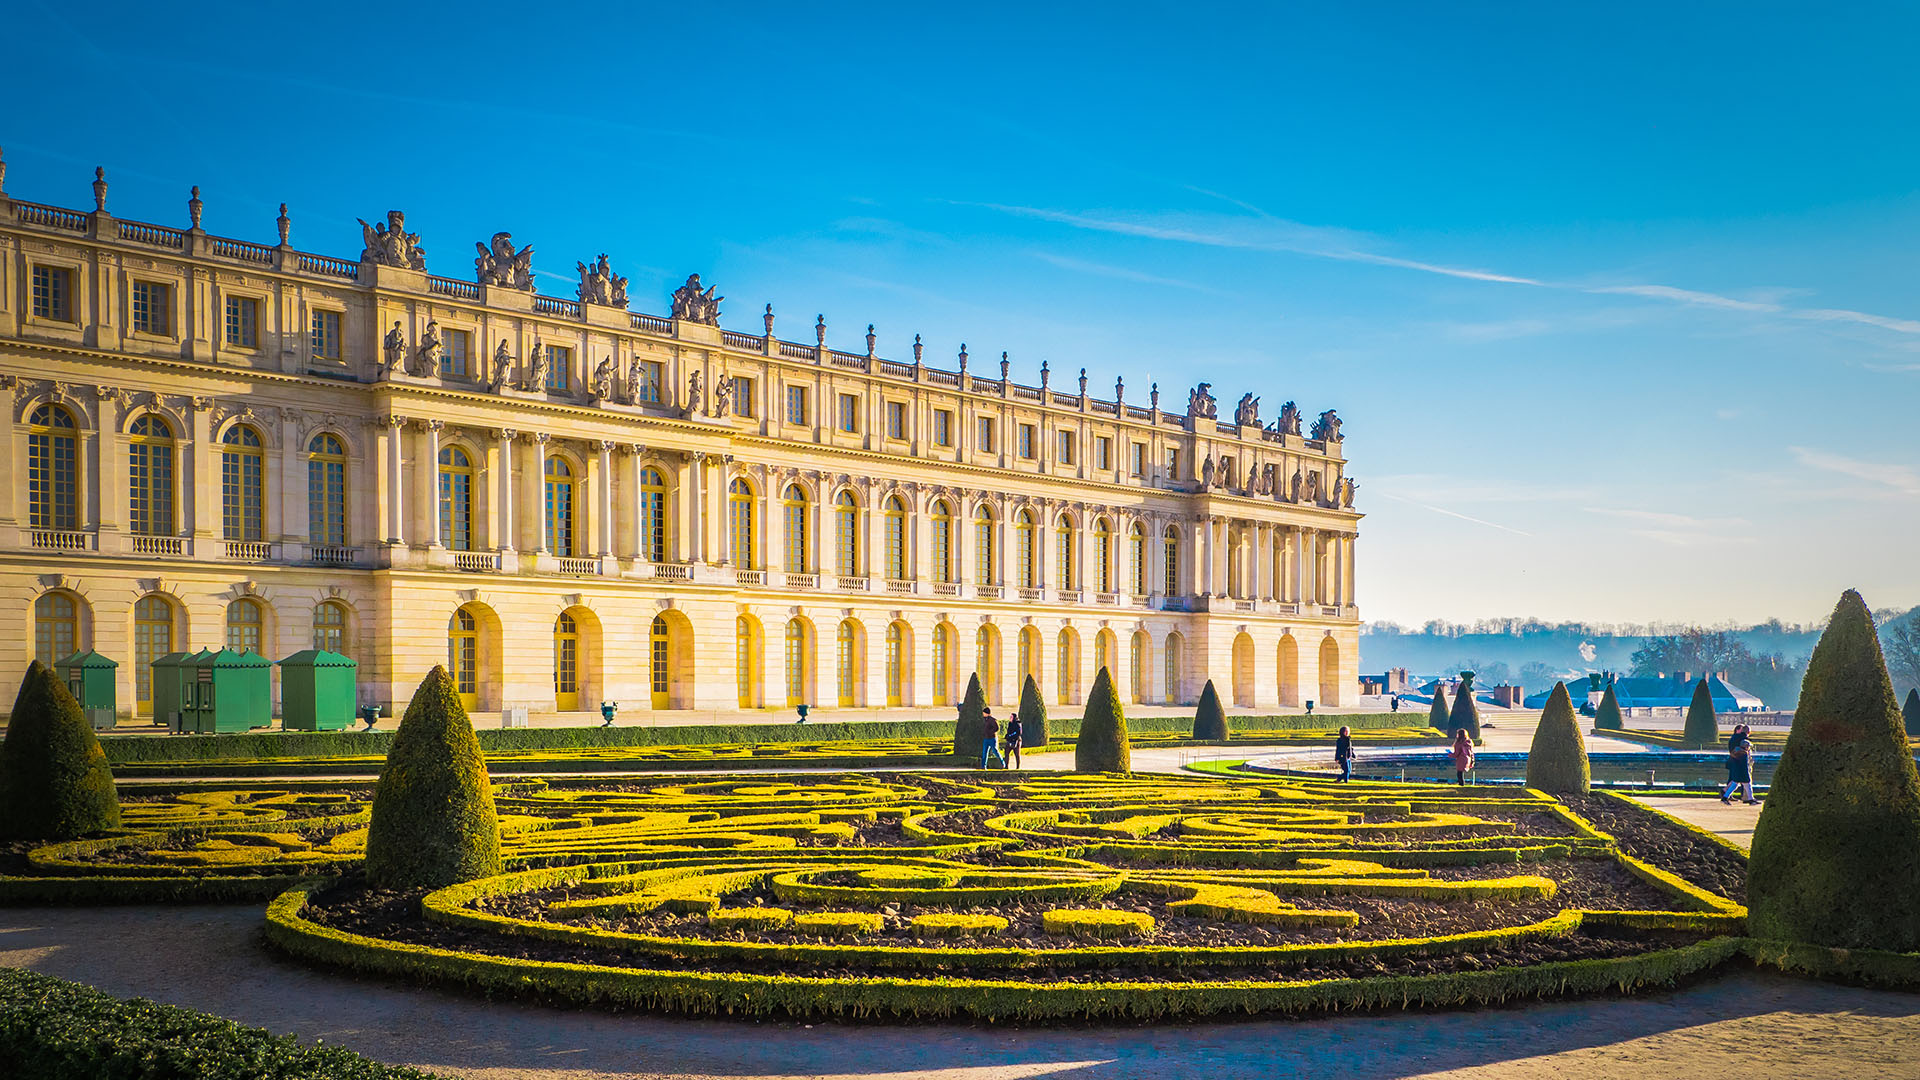 Símbolo por excelencia del absolutismo francés, tiene su origen en el reinado de Luis XIII, que solía cazar en la pantanosa zona de Versalles, y encargó la construcción de un palacete